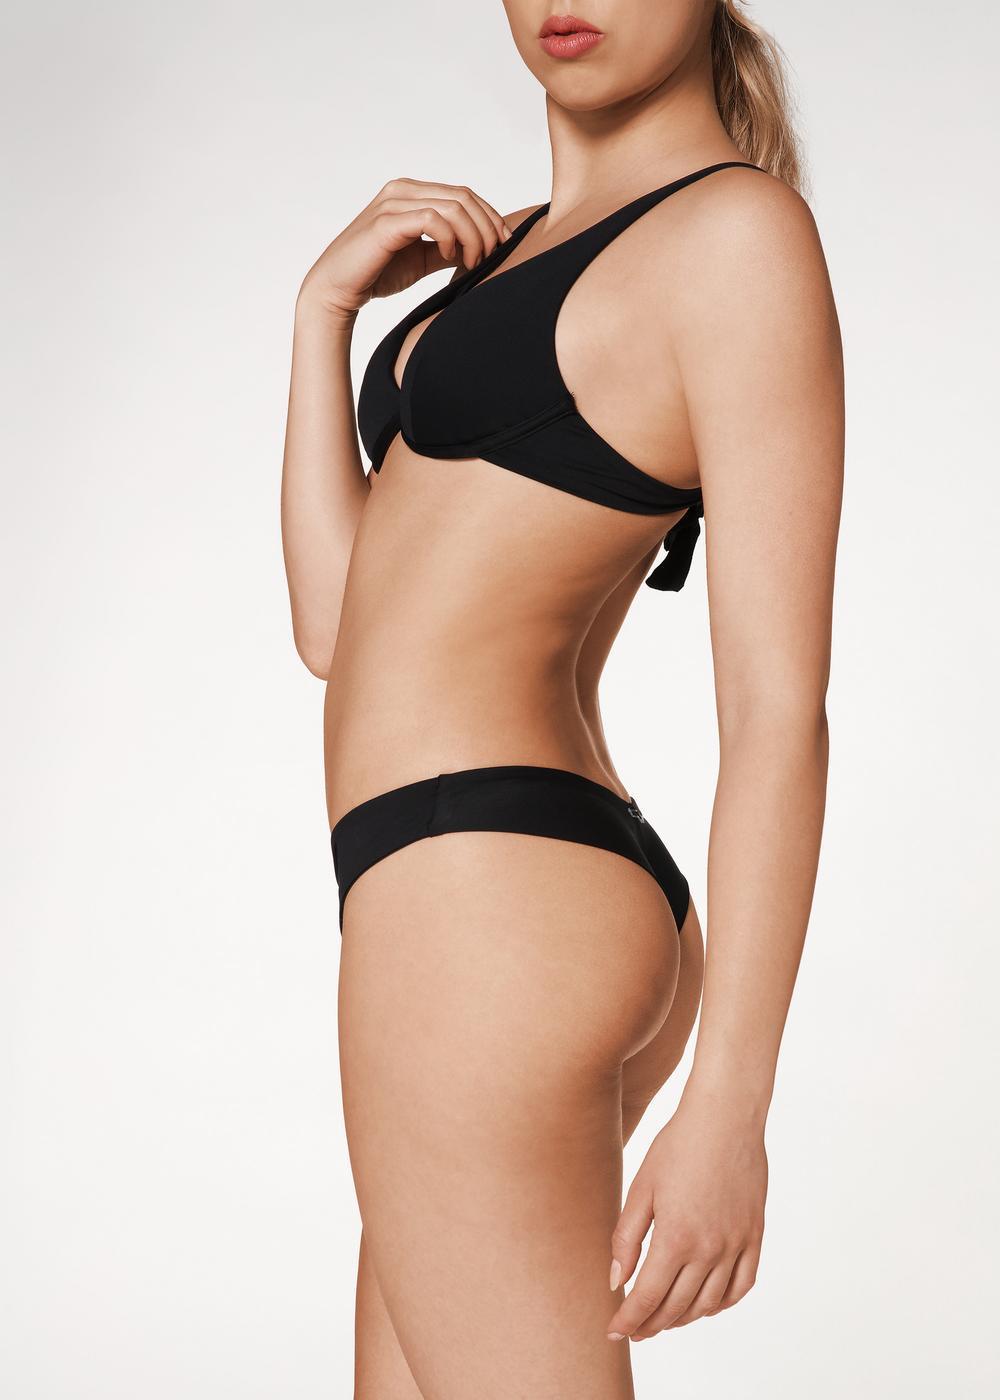 Braguita de bikini brasileña estilo ochentero Indonesia